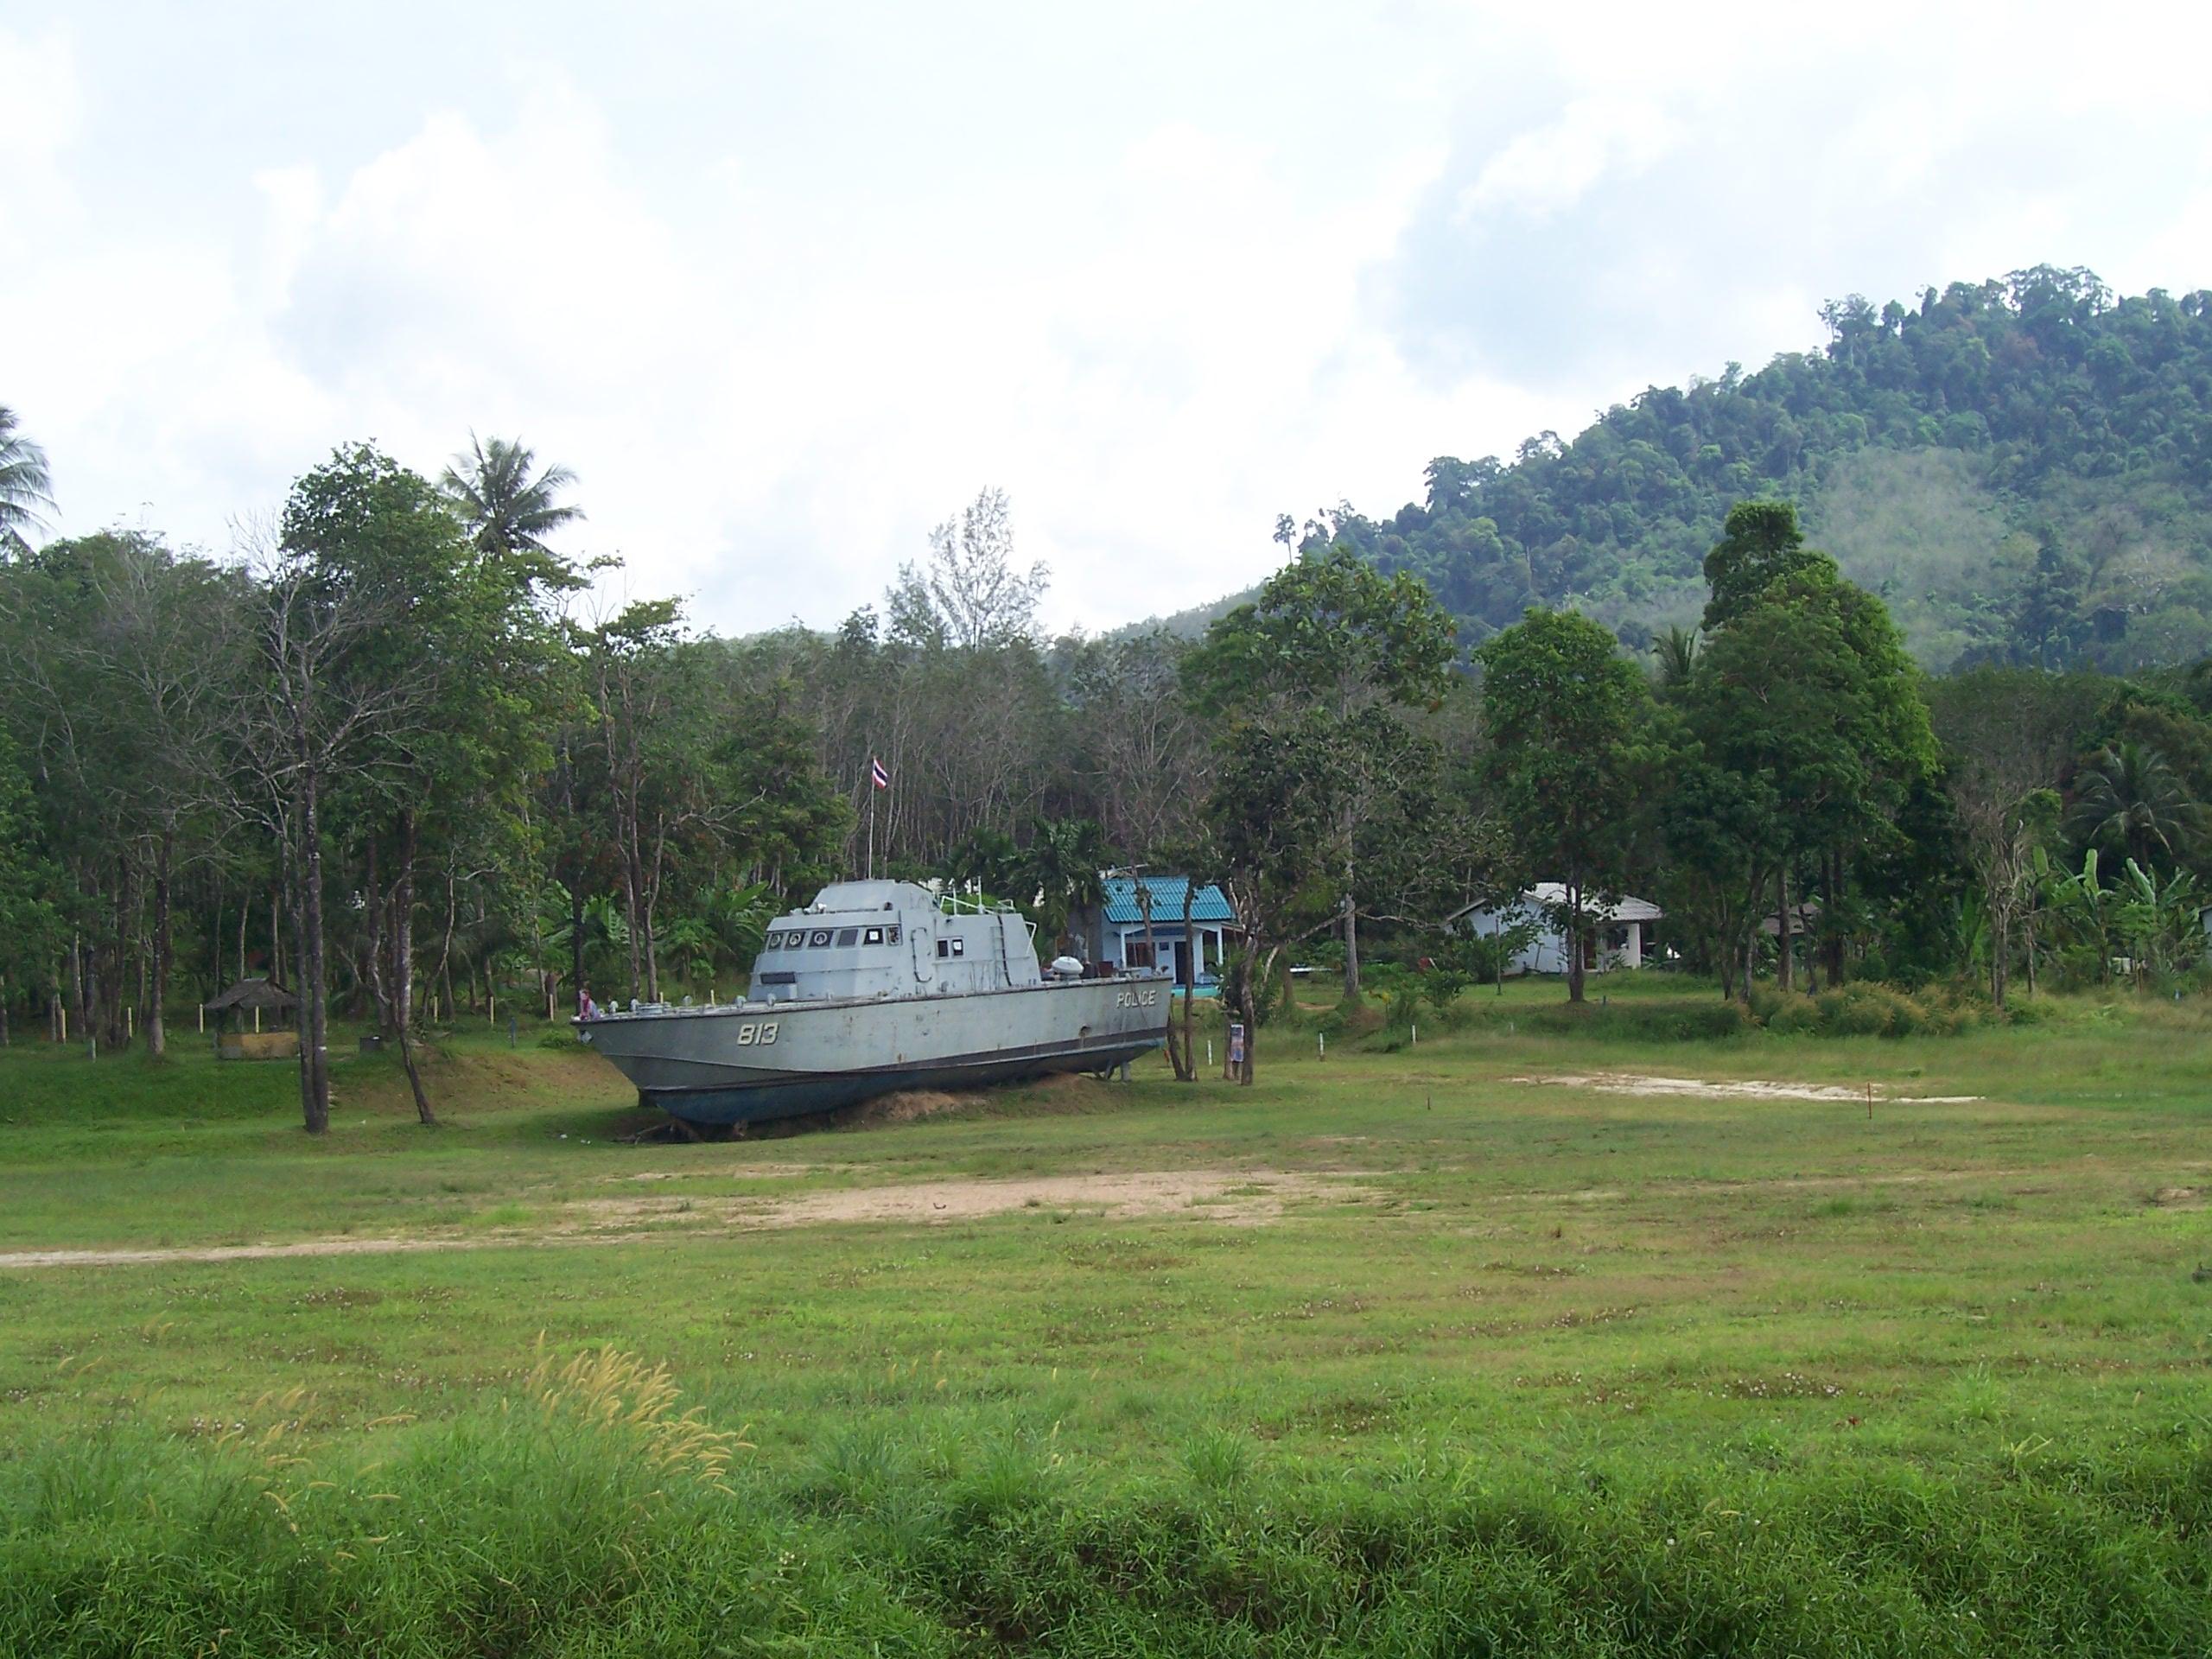 Khao_Lak_Police_Boat_813